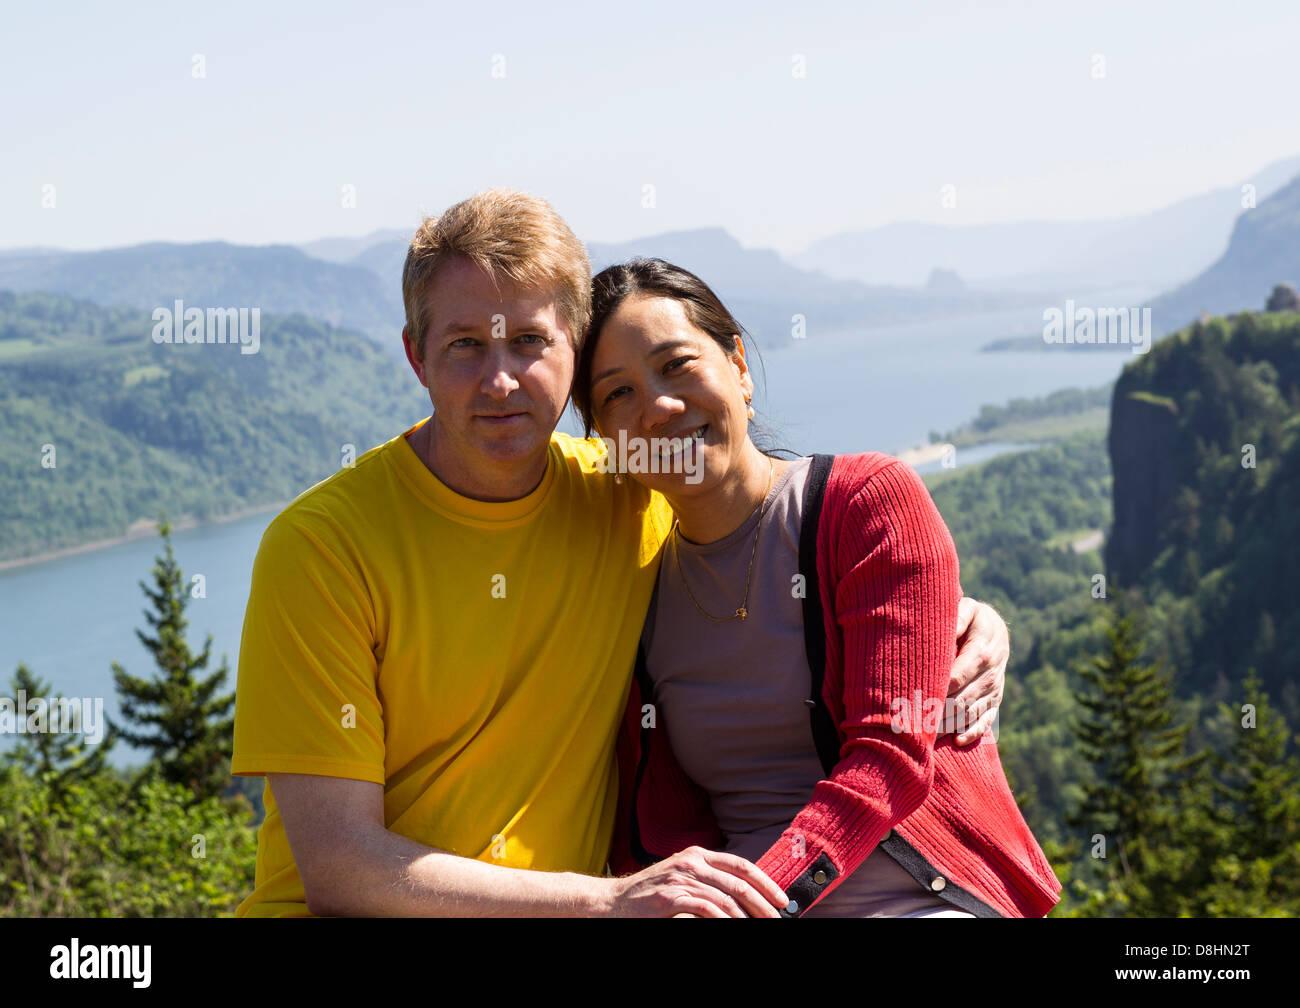 Usa travel interracial couples